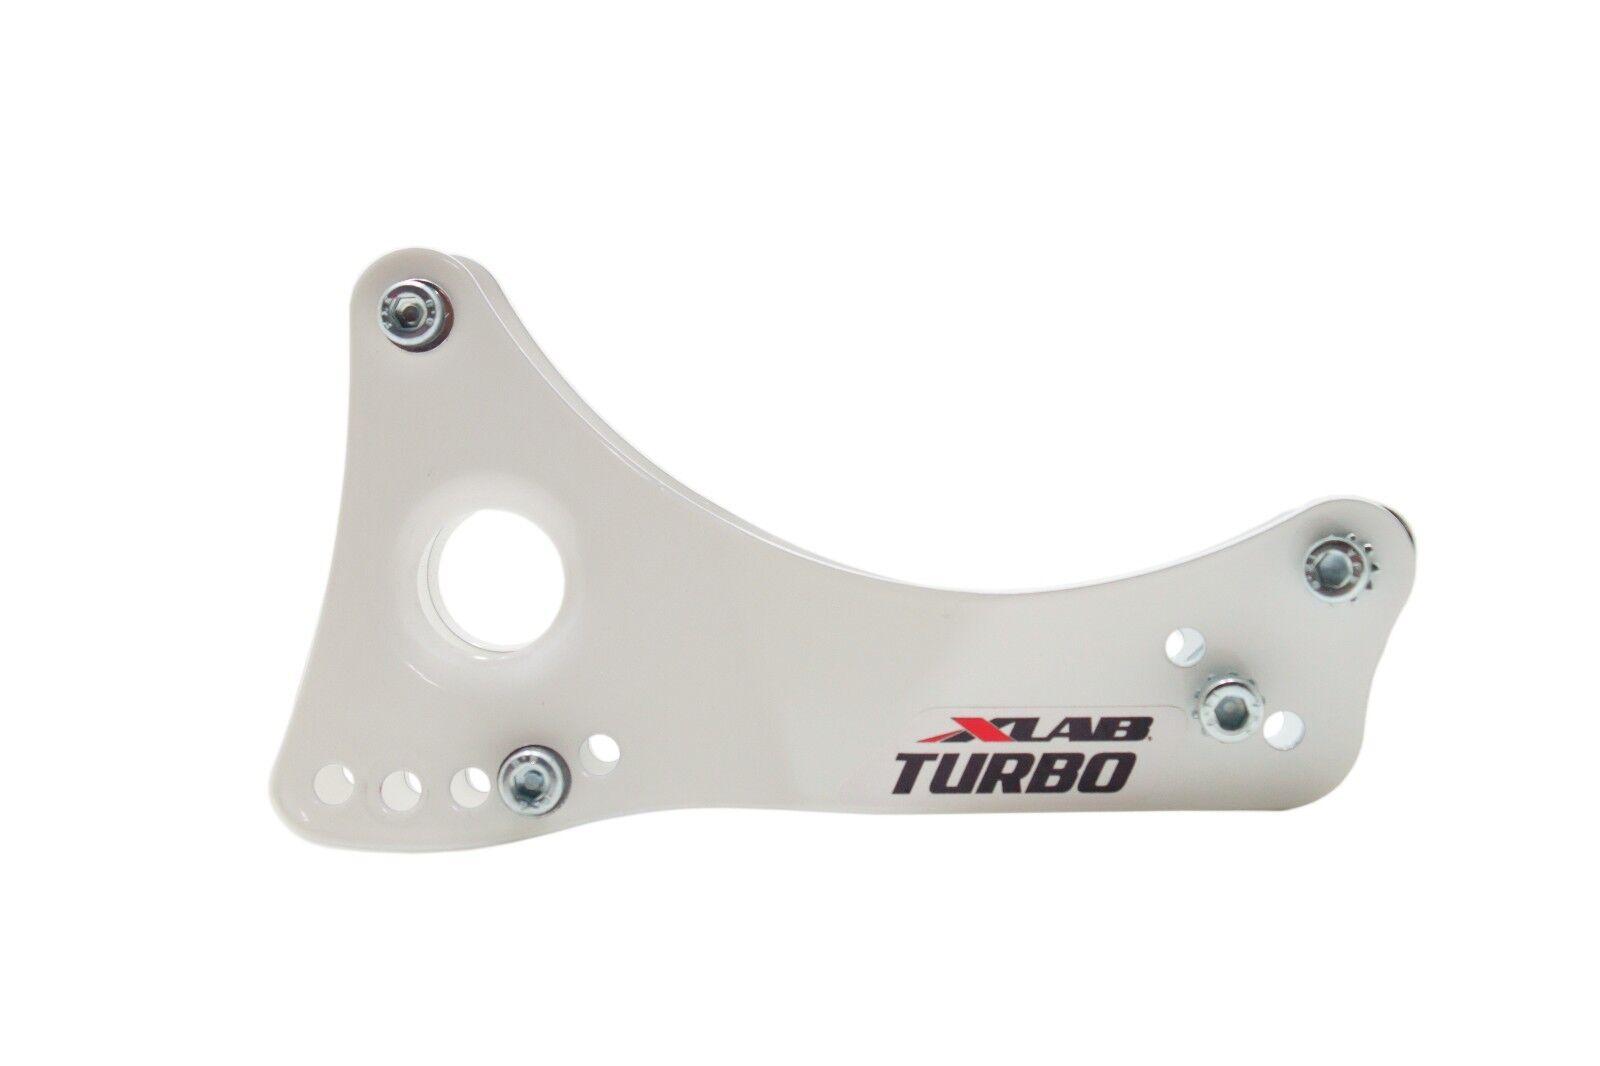 Xlab montaje Turbo Ala trasero de aleación de aluminio botella de agua jaula Montaje blancoo